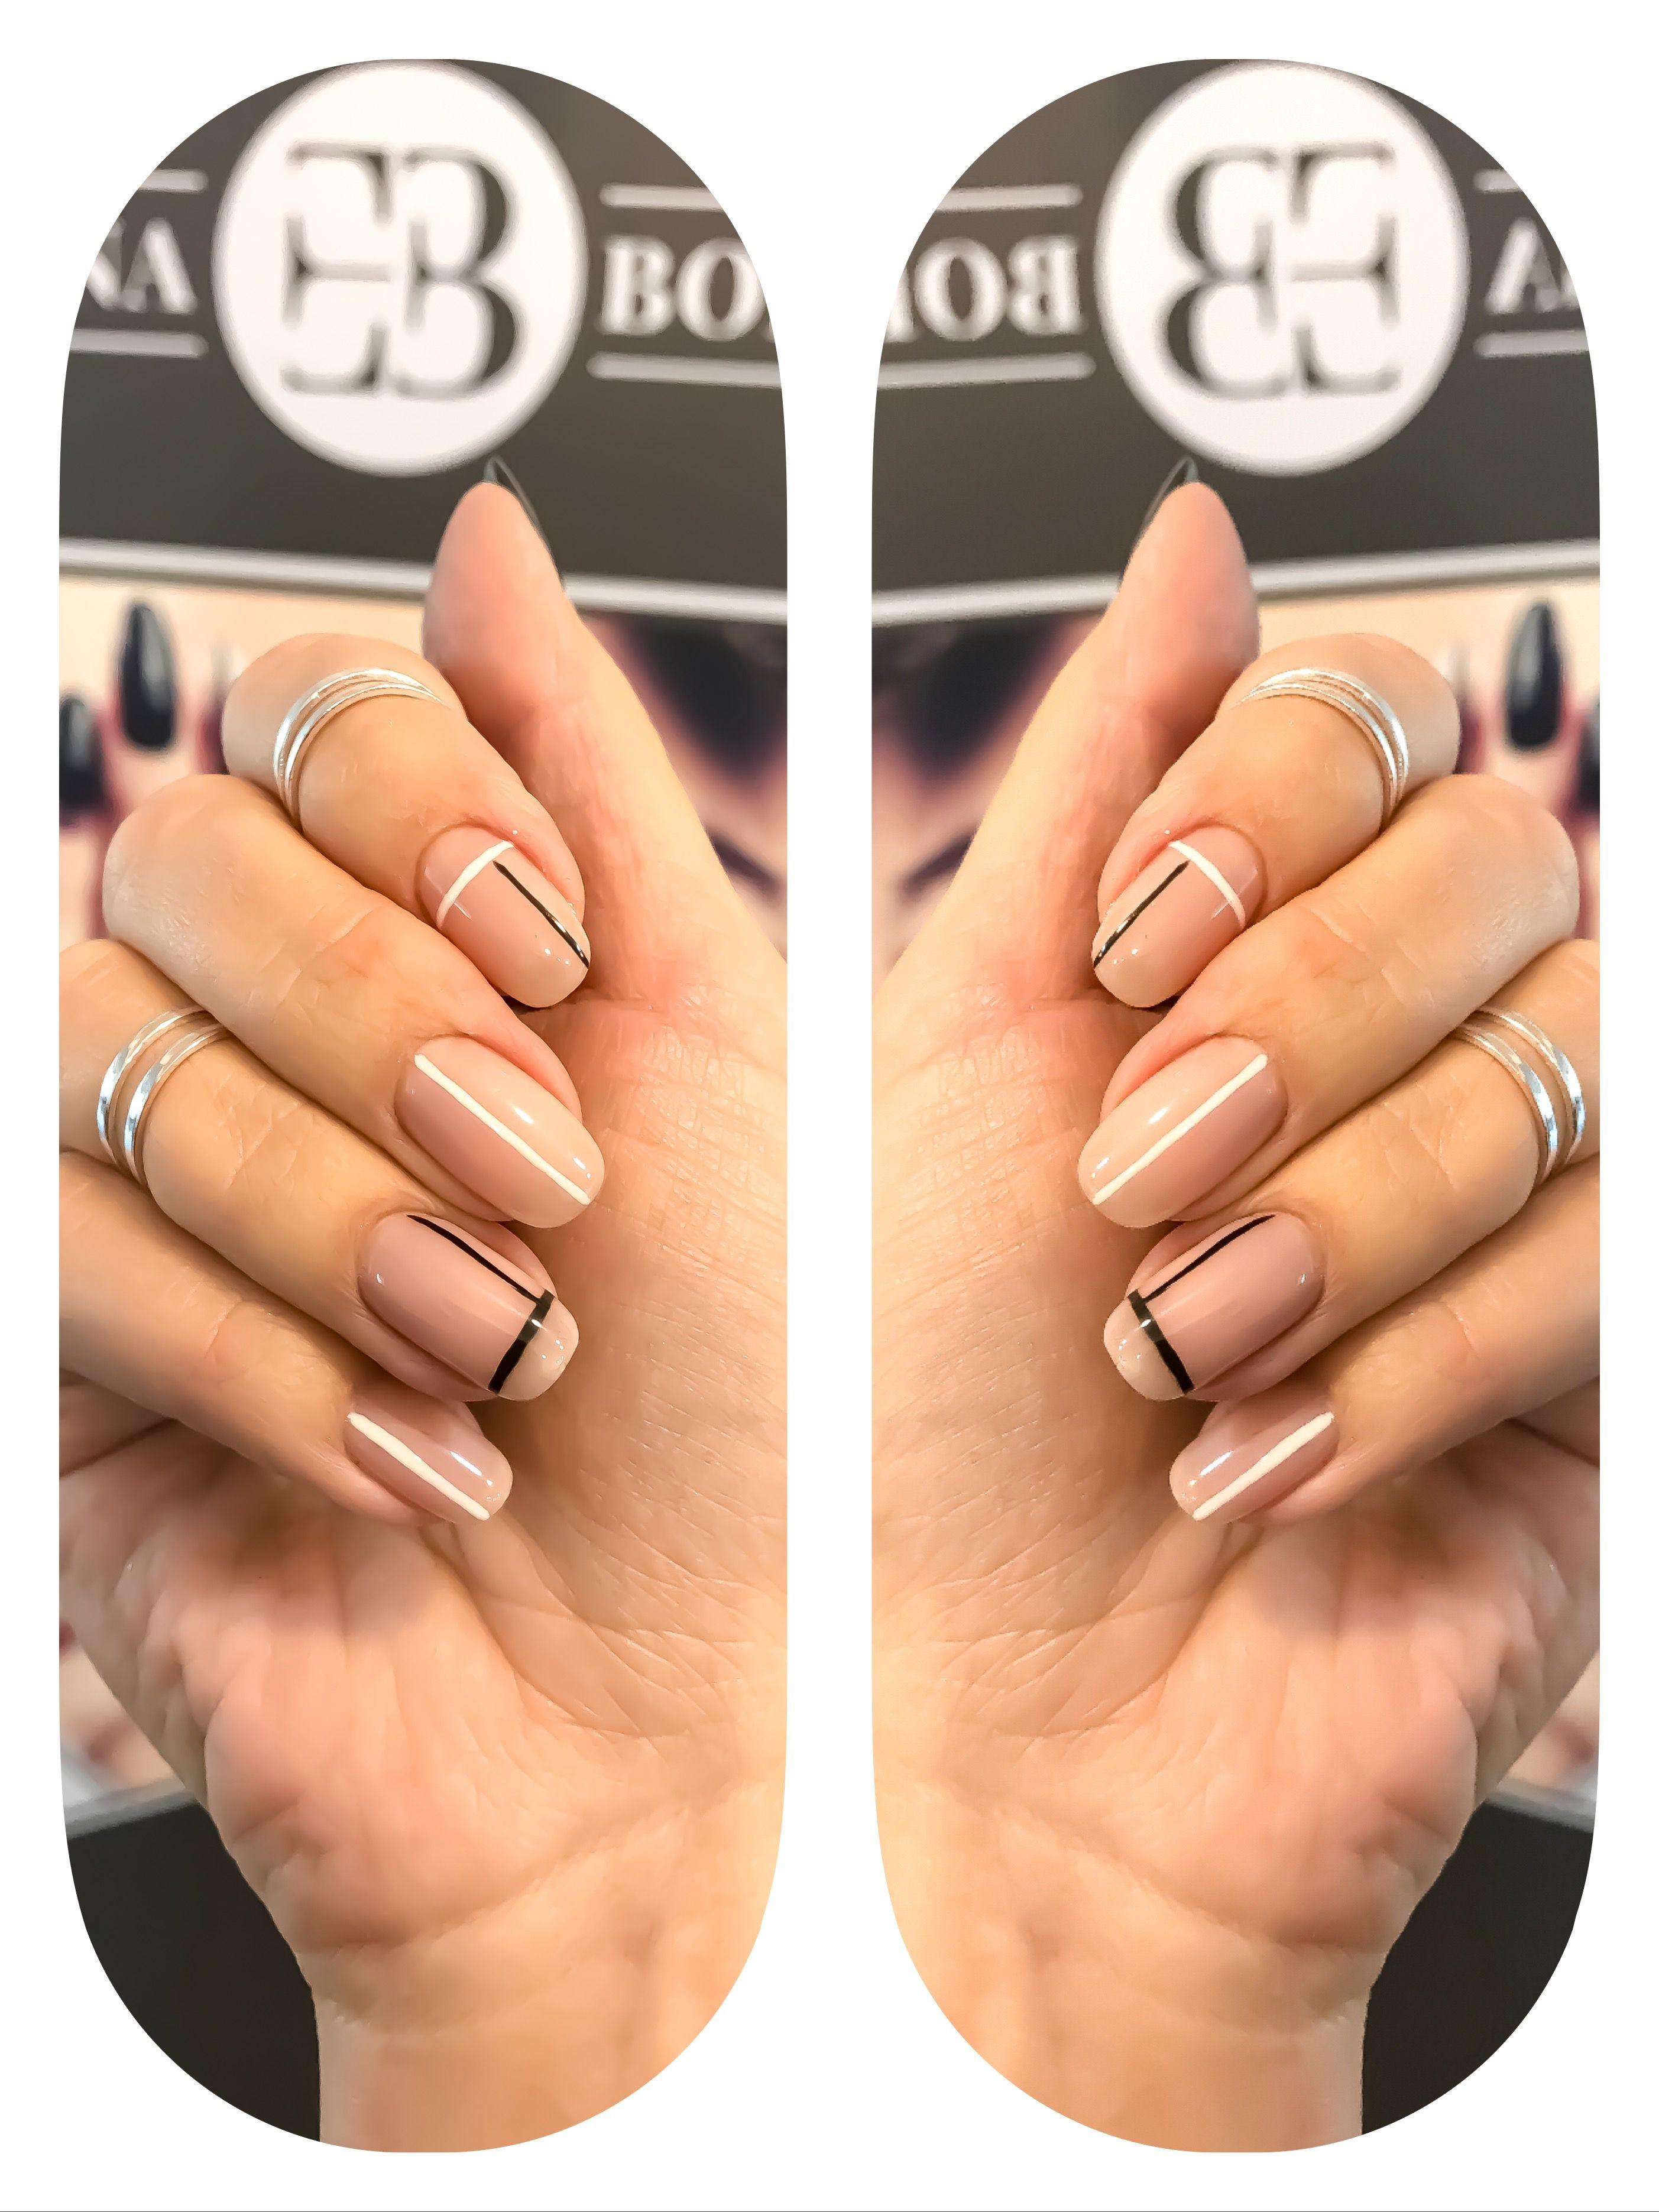 Pin by Edina Borza on Nails oct 2017 | Pinterest | Nail nail ...